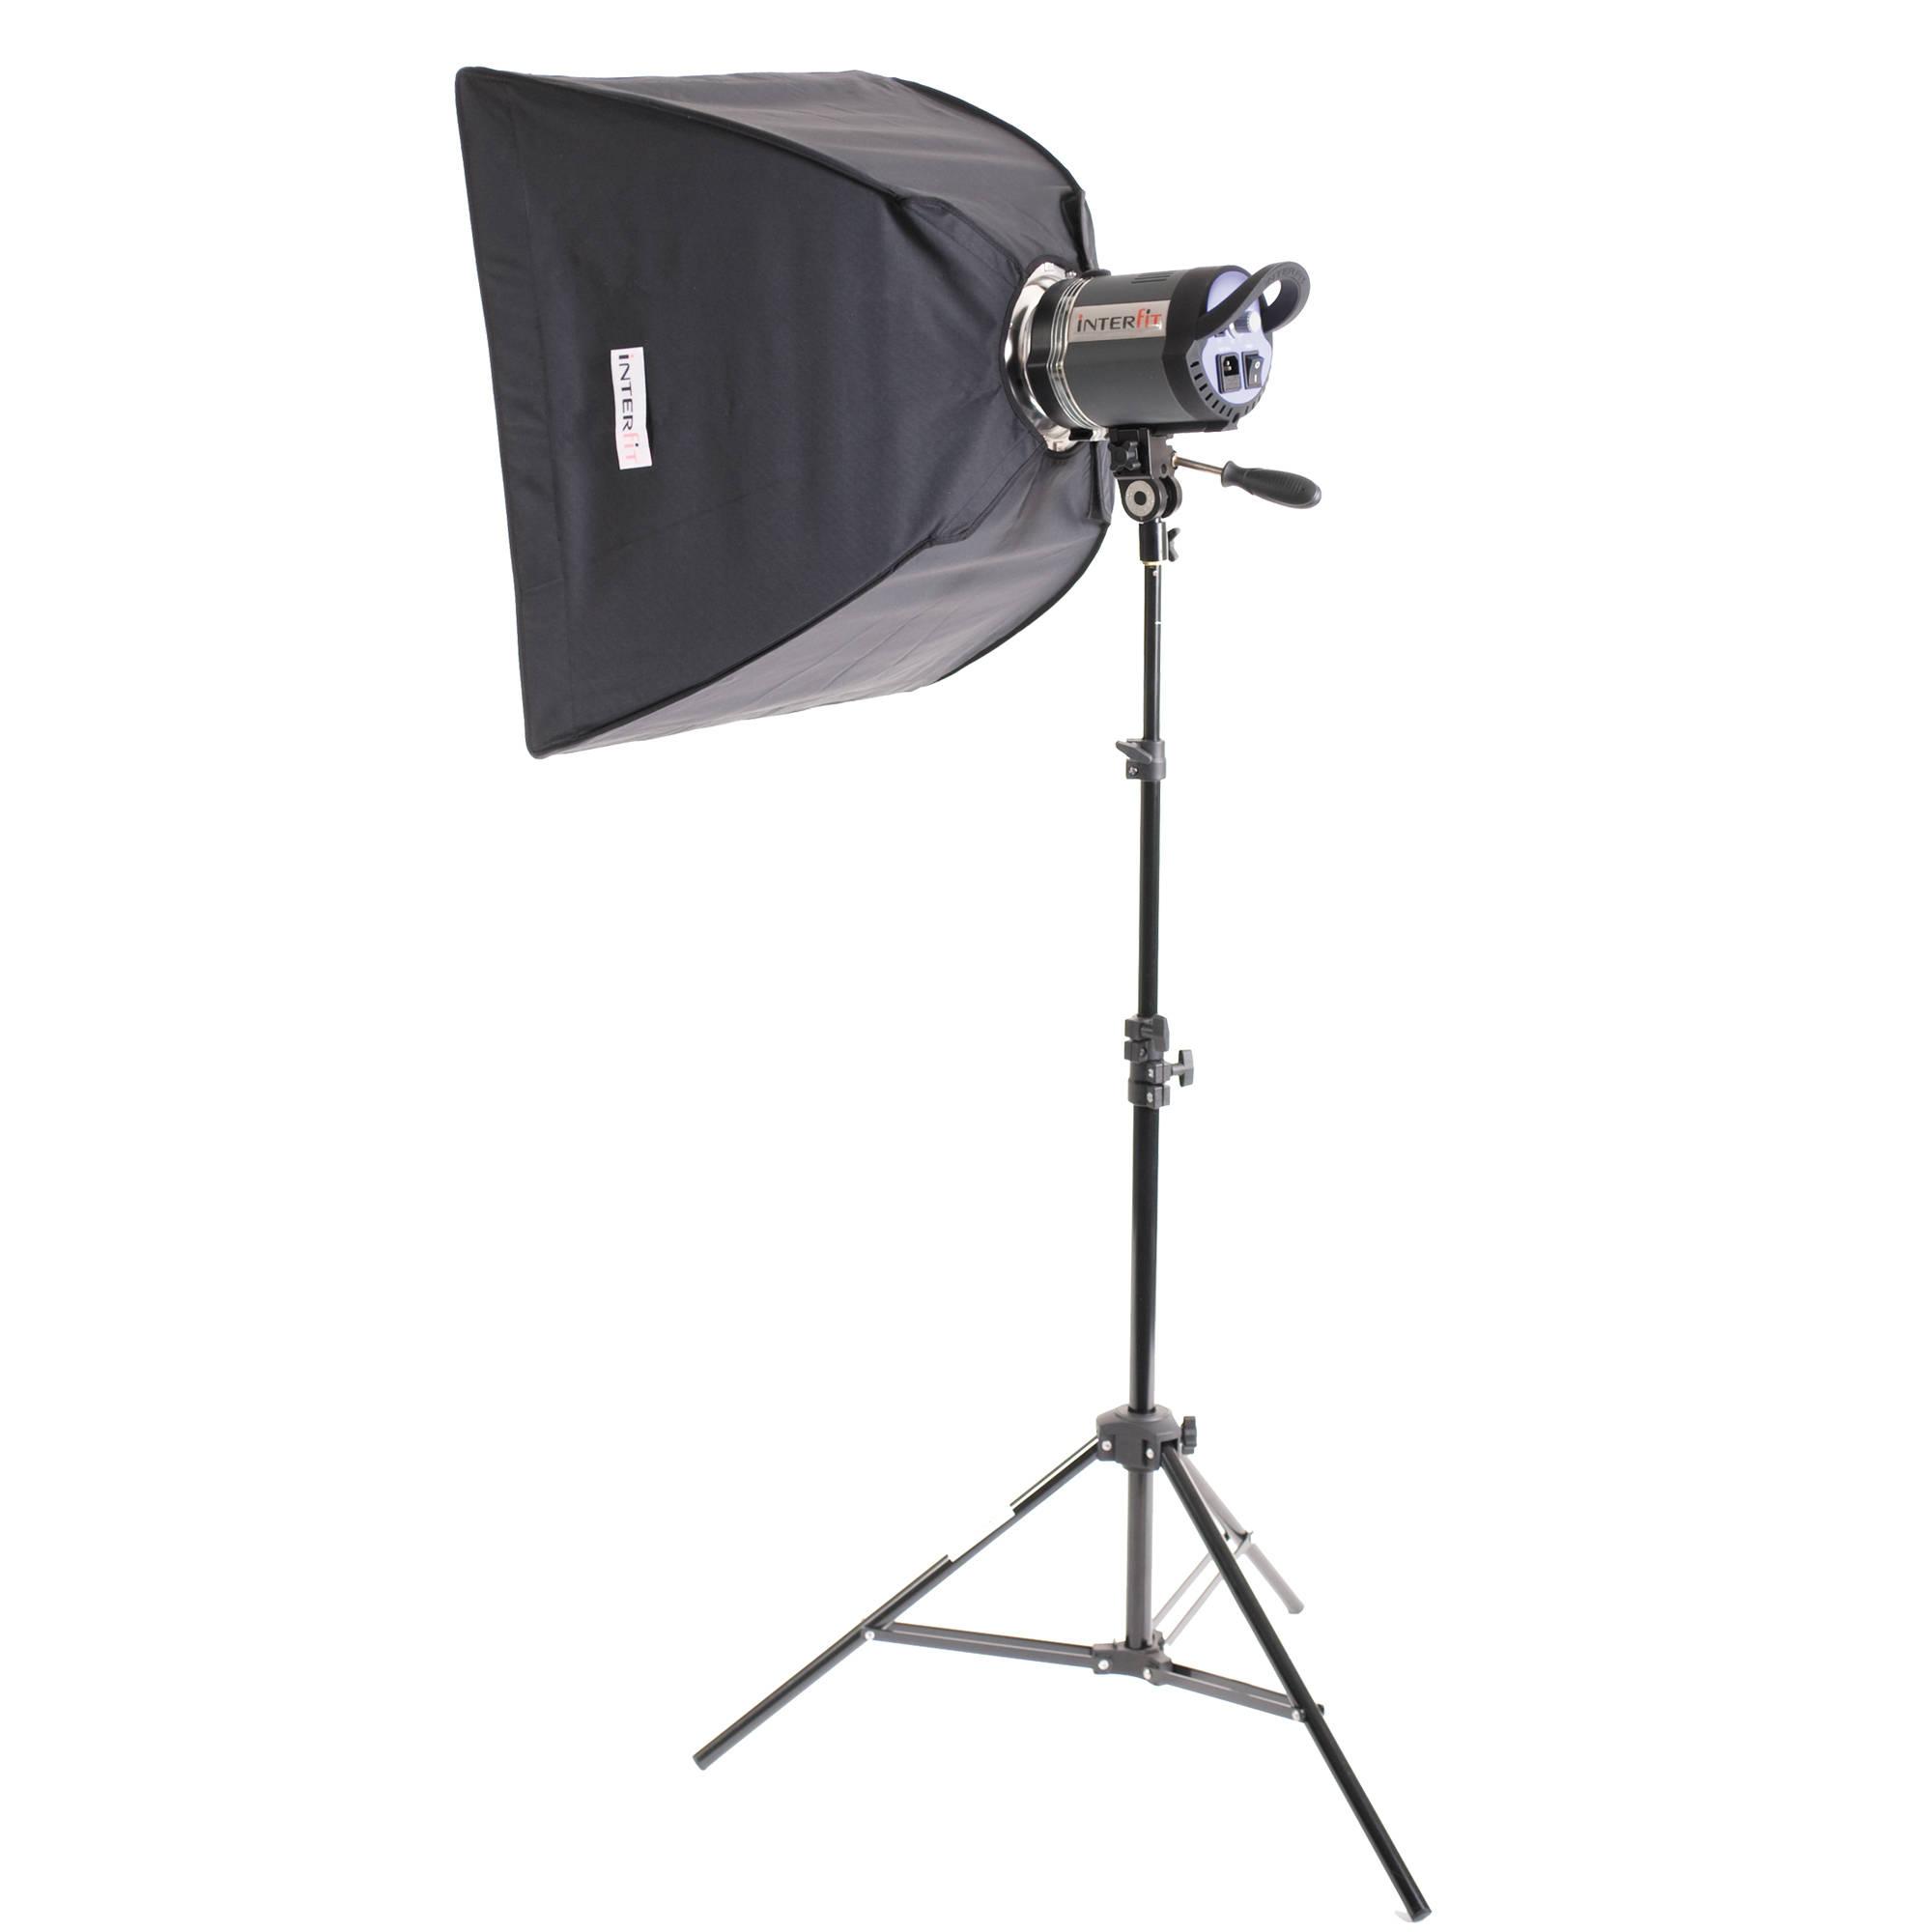 Interfit Stellar Tungsten One-Light Softbox Kit INT185U B&H